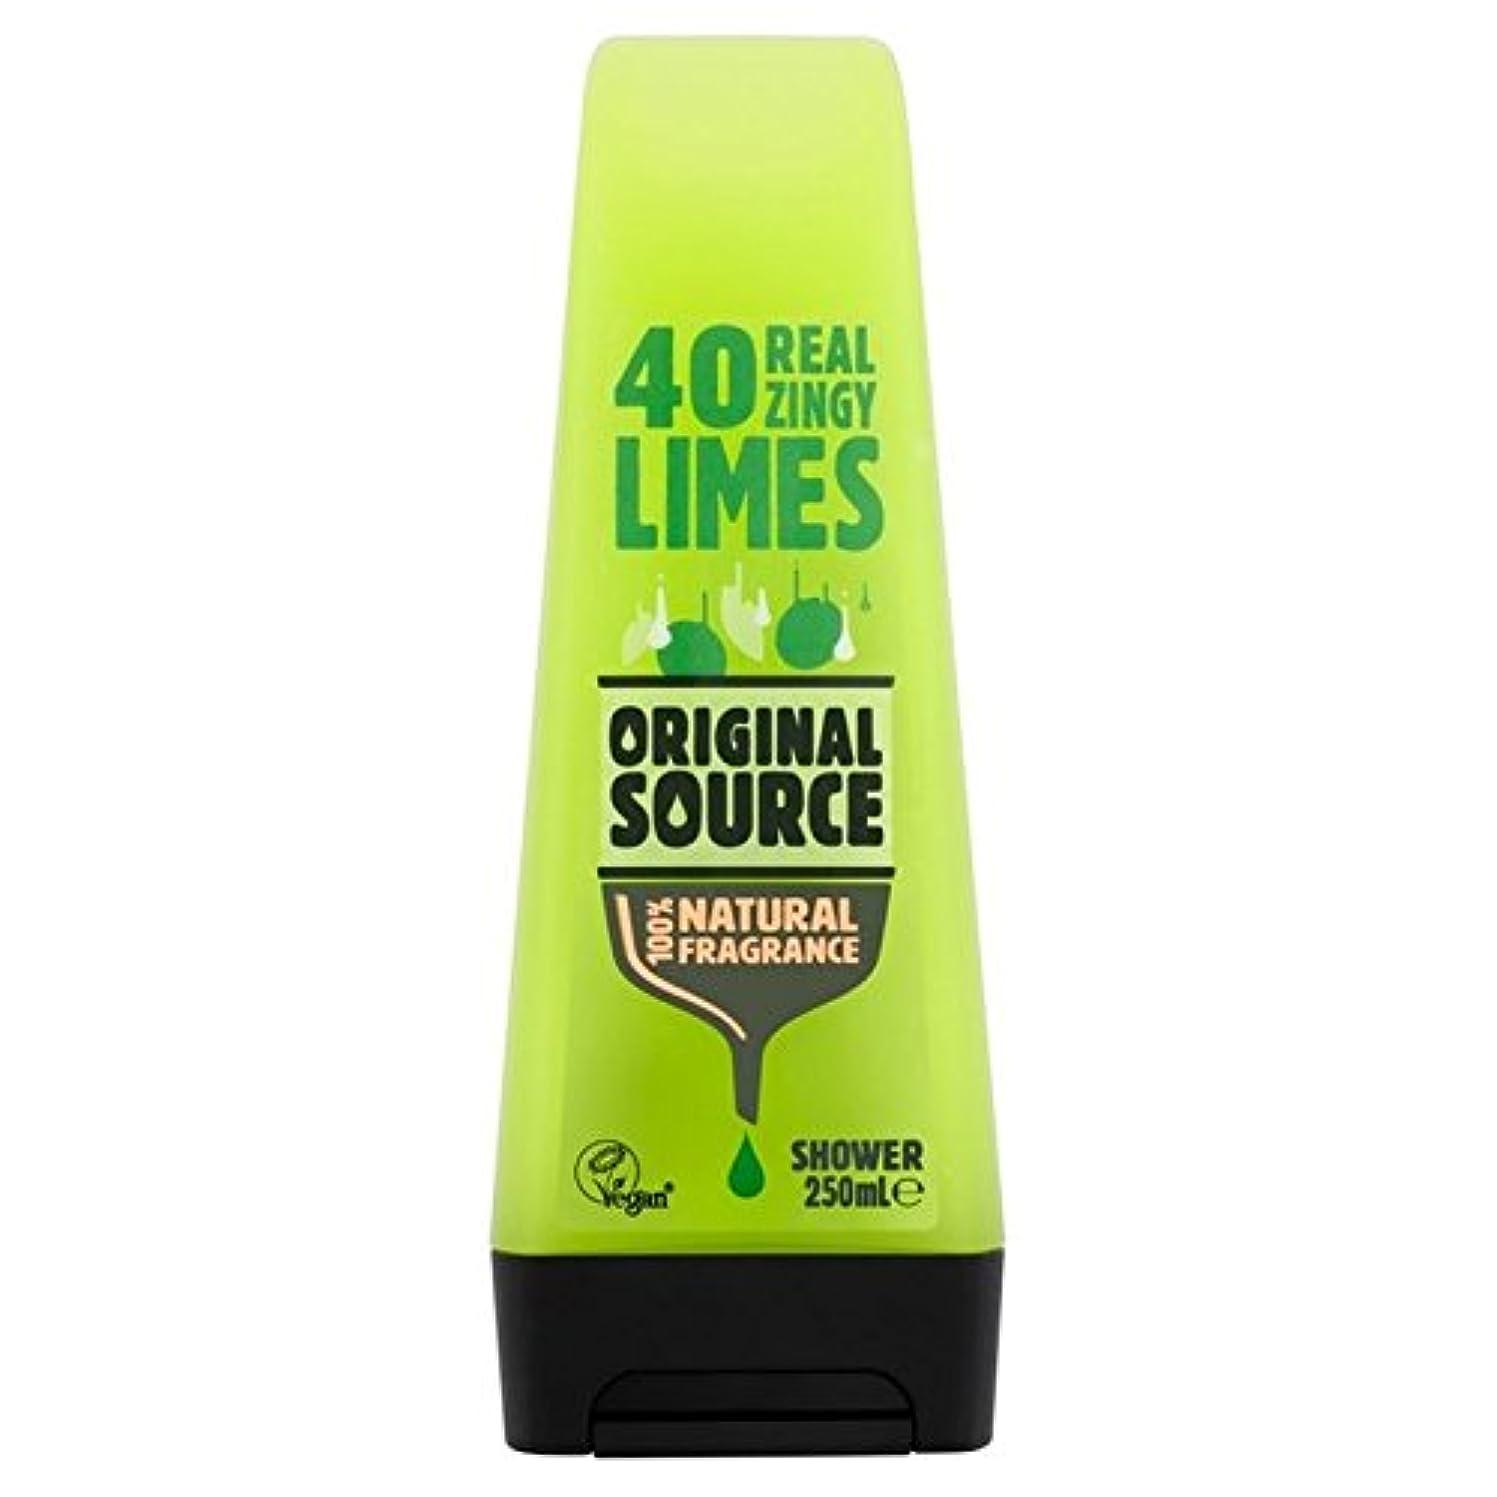 太陽電圧薬用元のソースライムシャワージェル250ミリリットル x2 - Original Source Lime Shower Gel 250ml (Pack of 2) [並行輸入品]